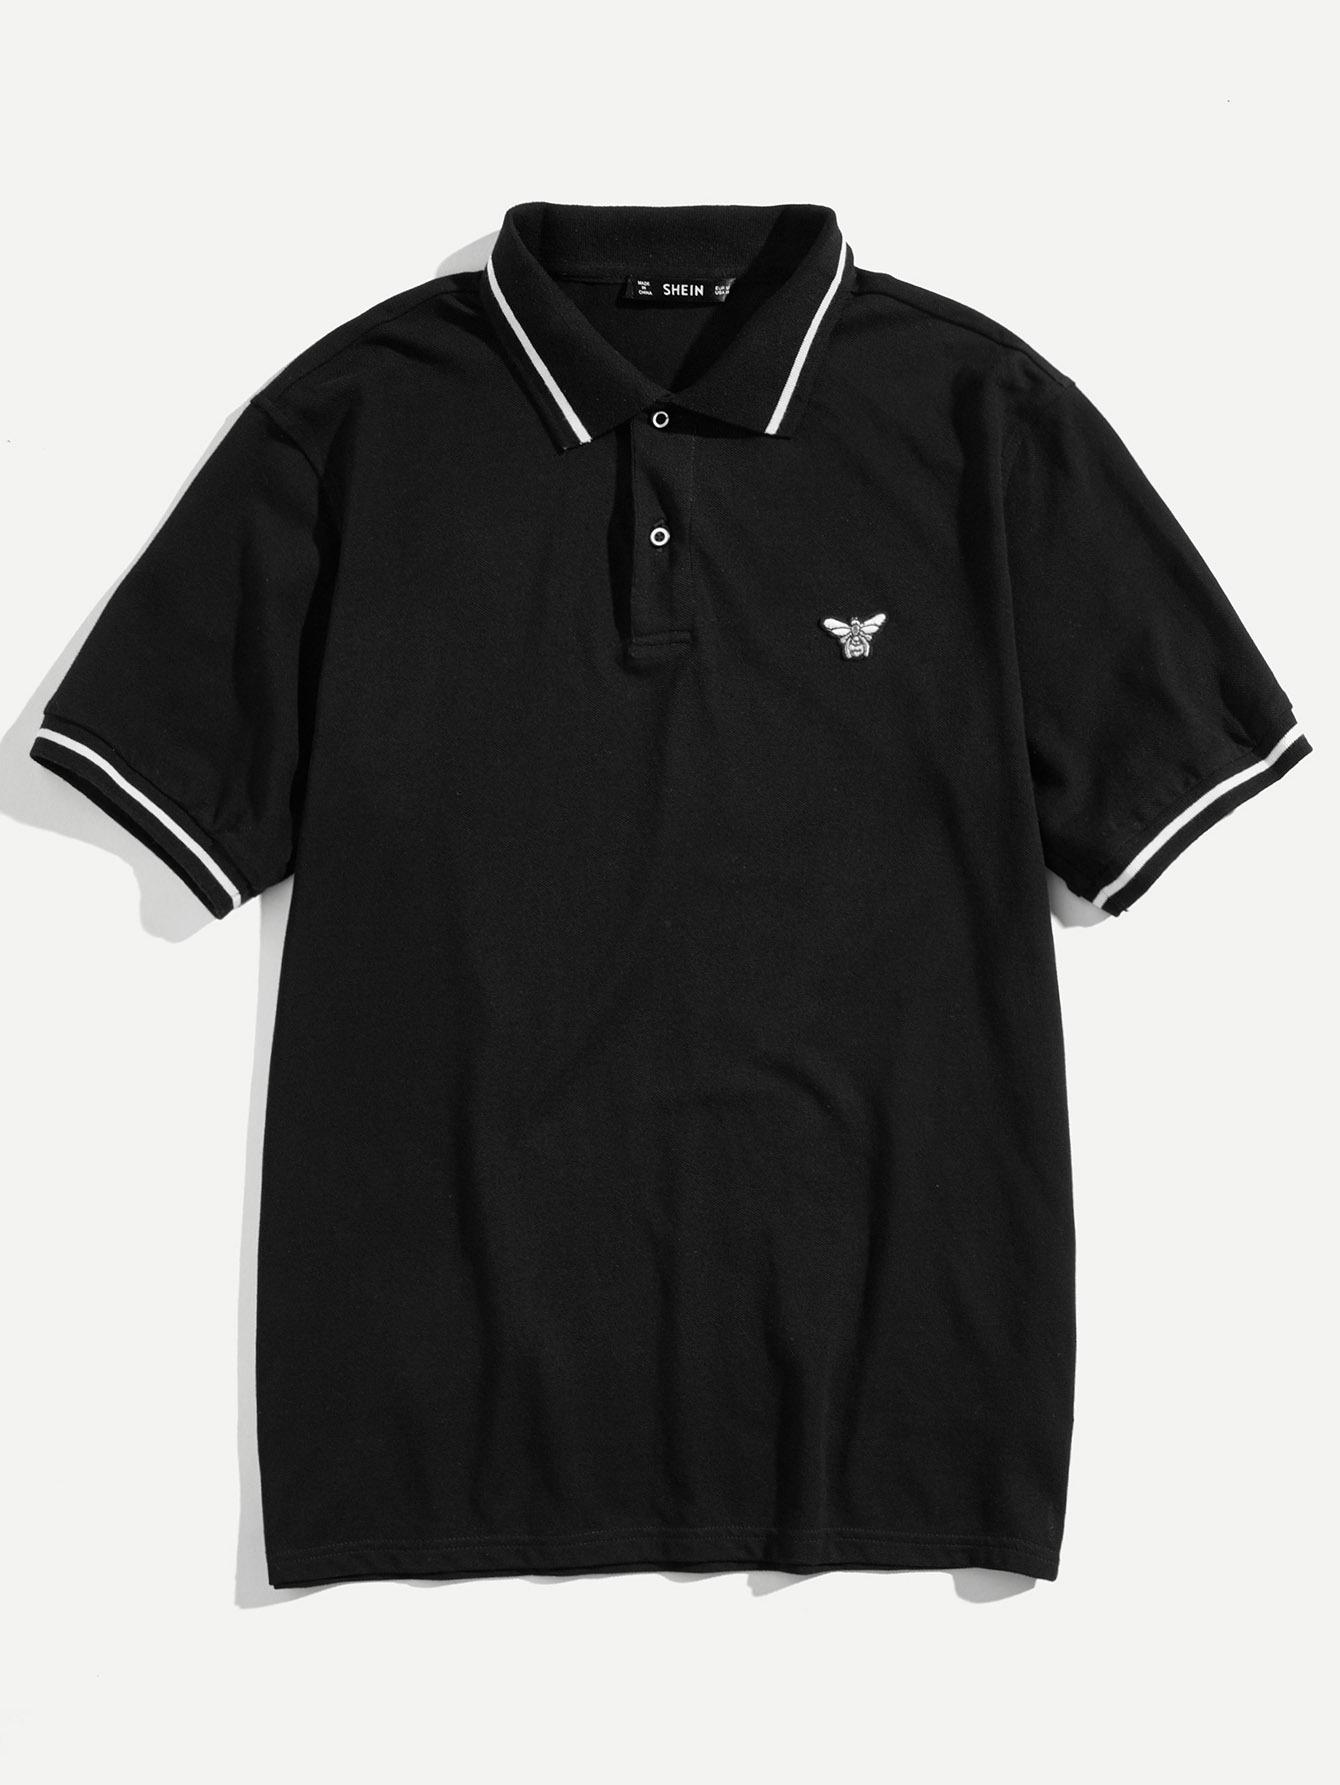 Купить Рубашка поло с вышивкой и полосками для мужчин, null, SheIn